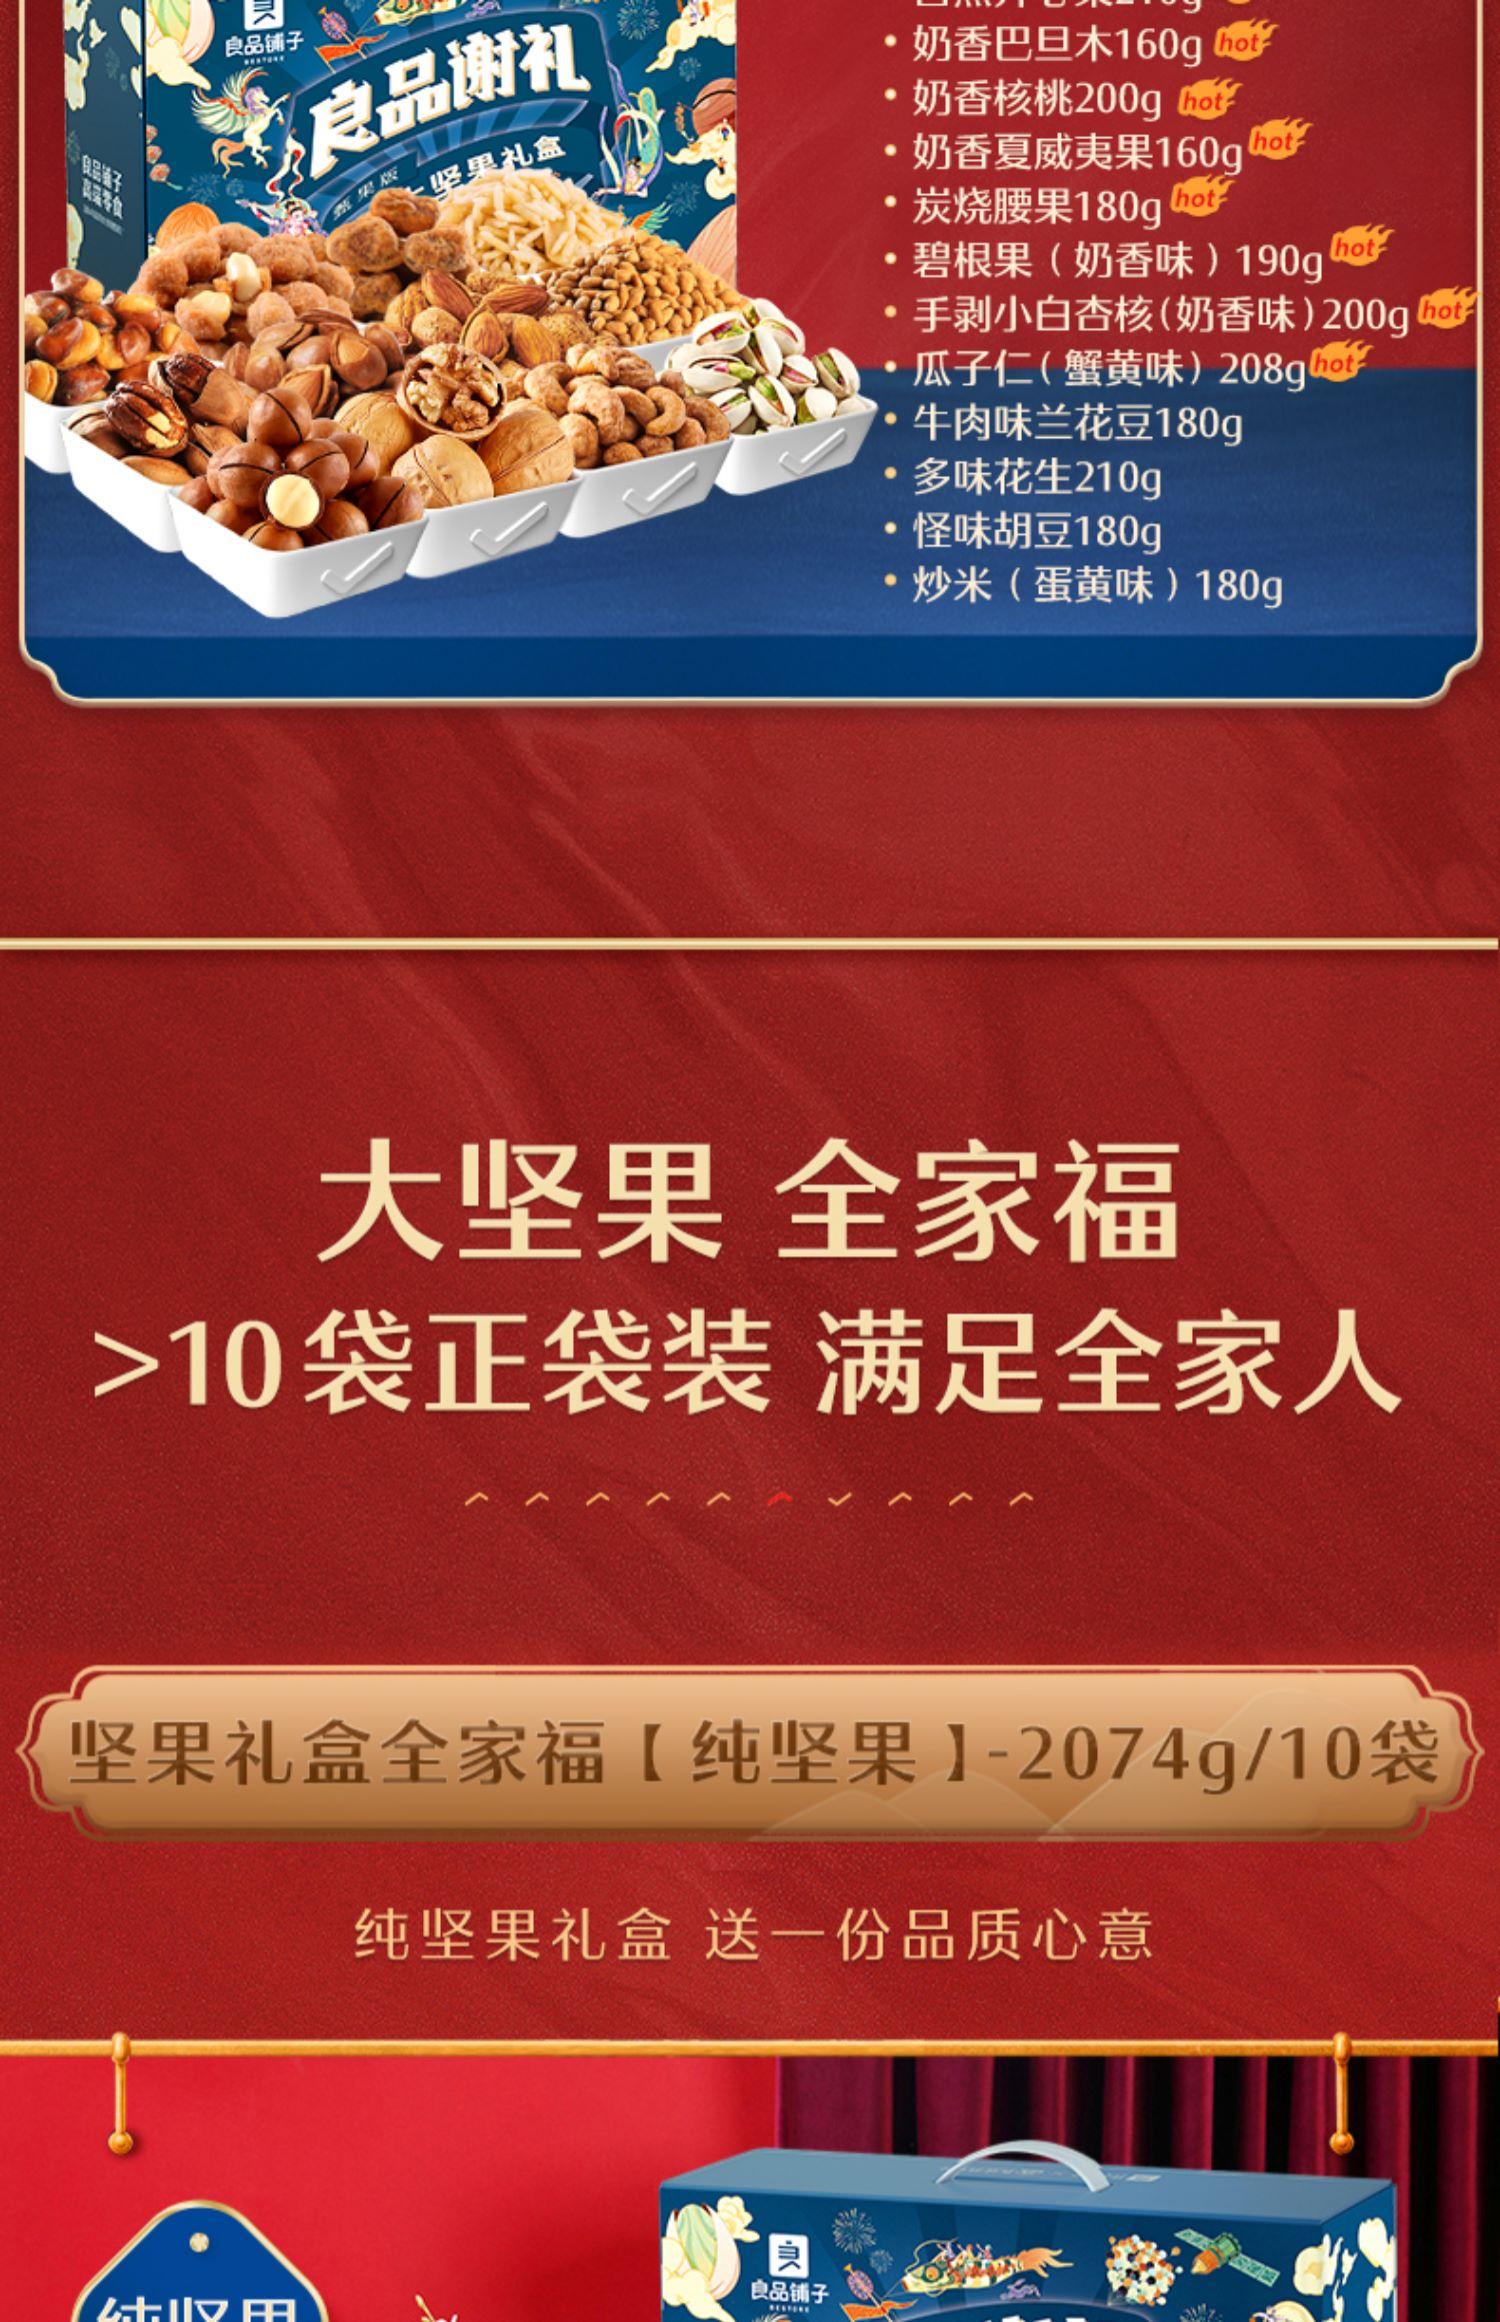 【良品铺子】中秋坚果礼盒10袋全坚果6